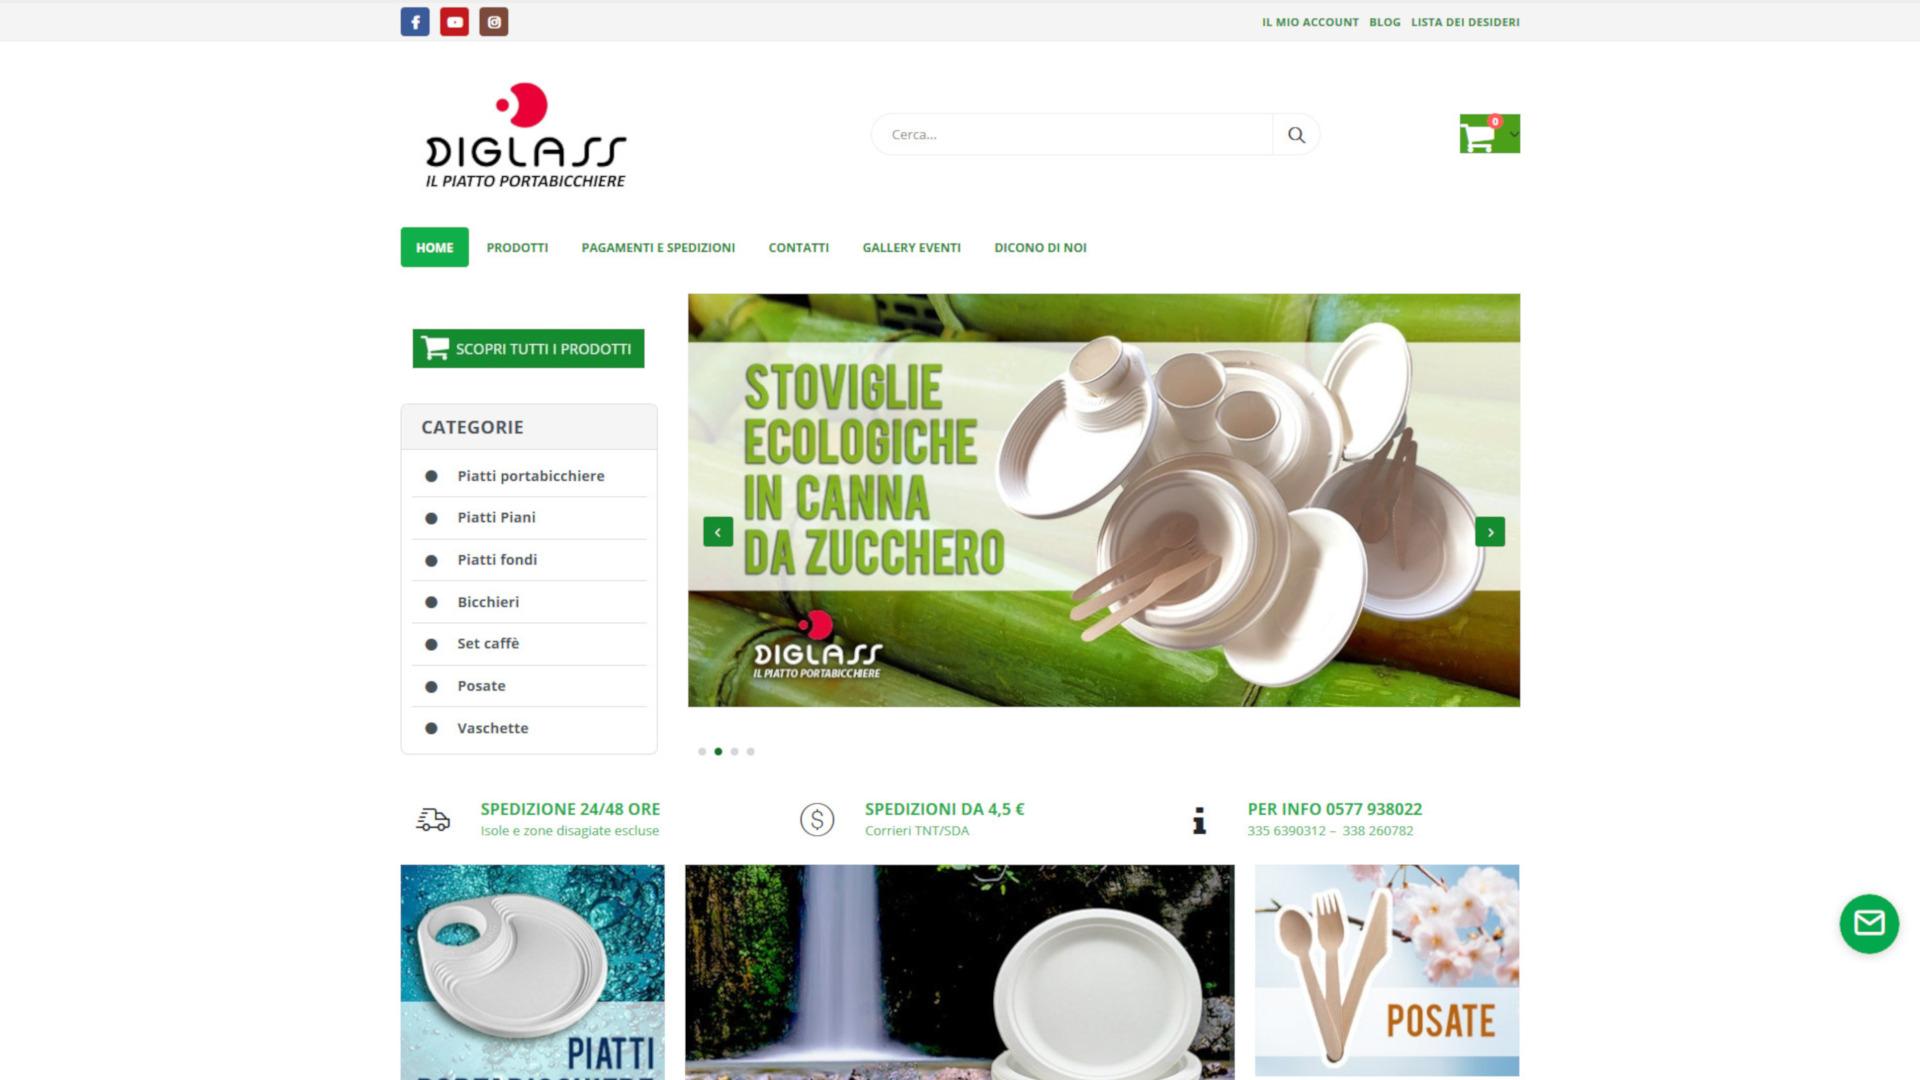 Piatti e Bicchieri Biodegradabili